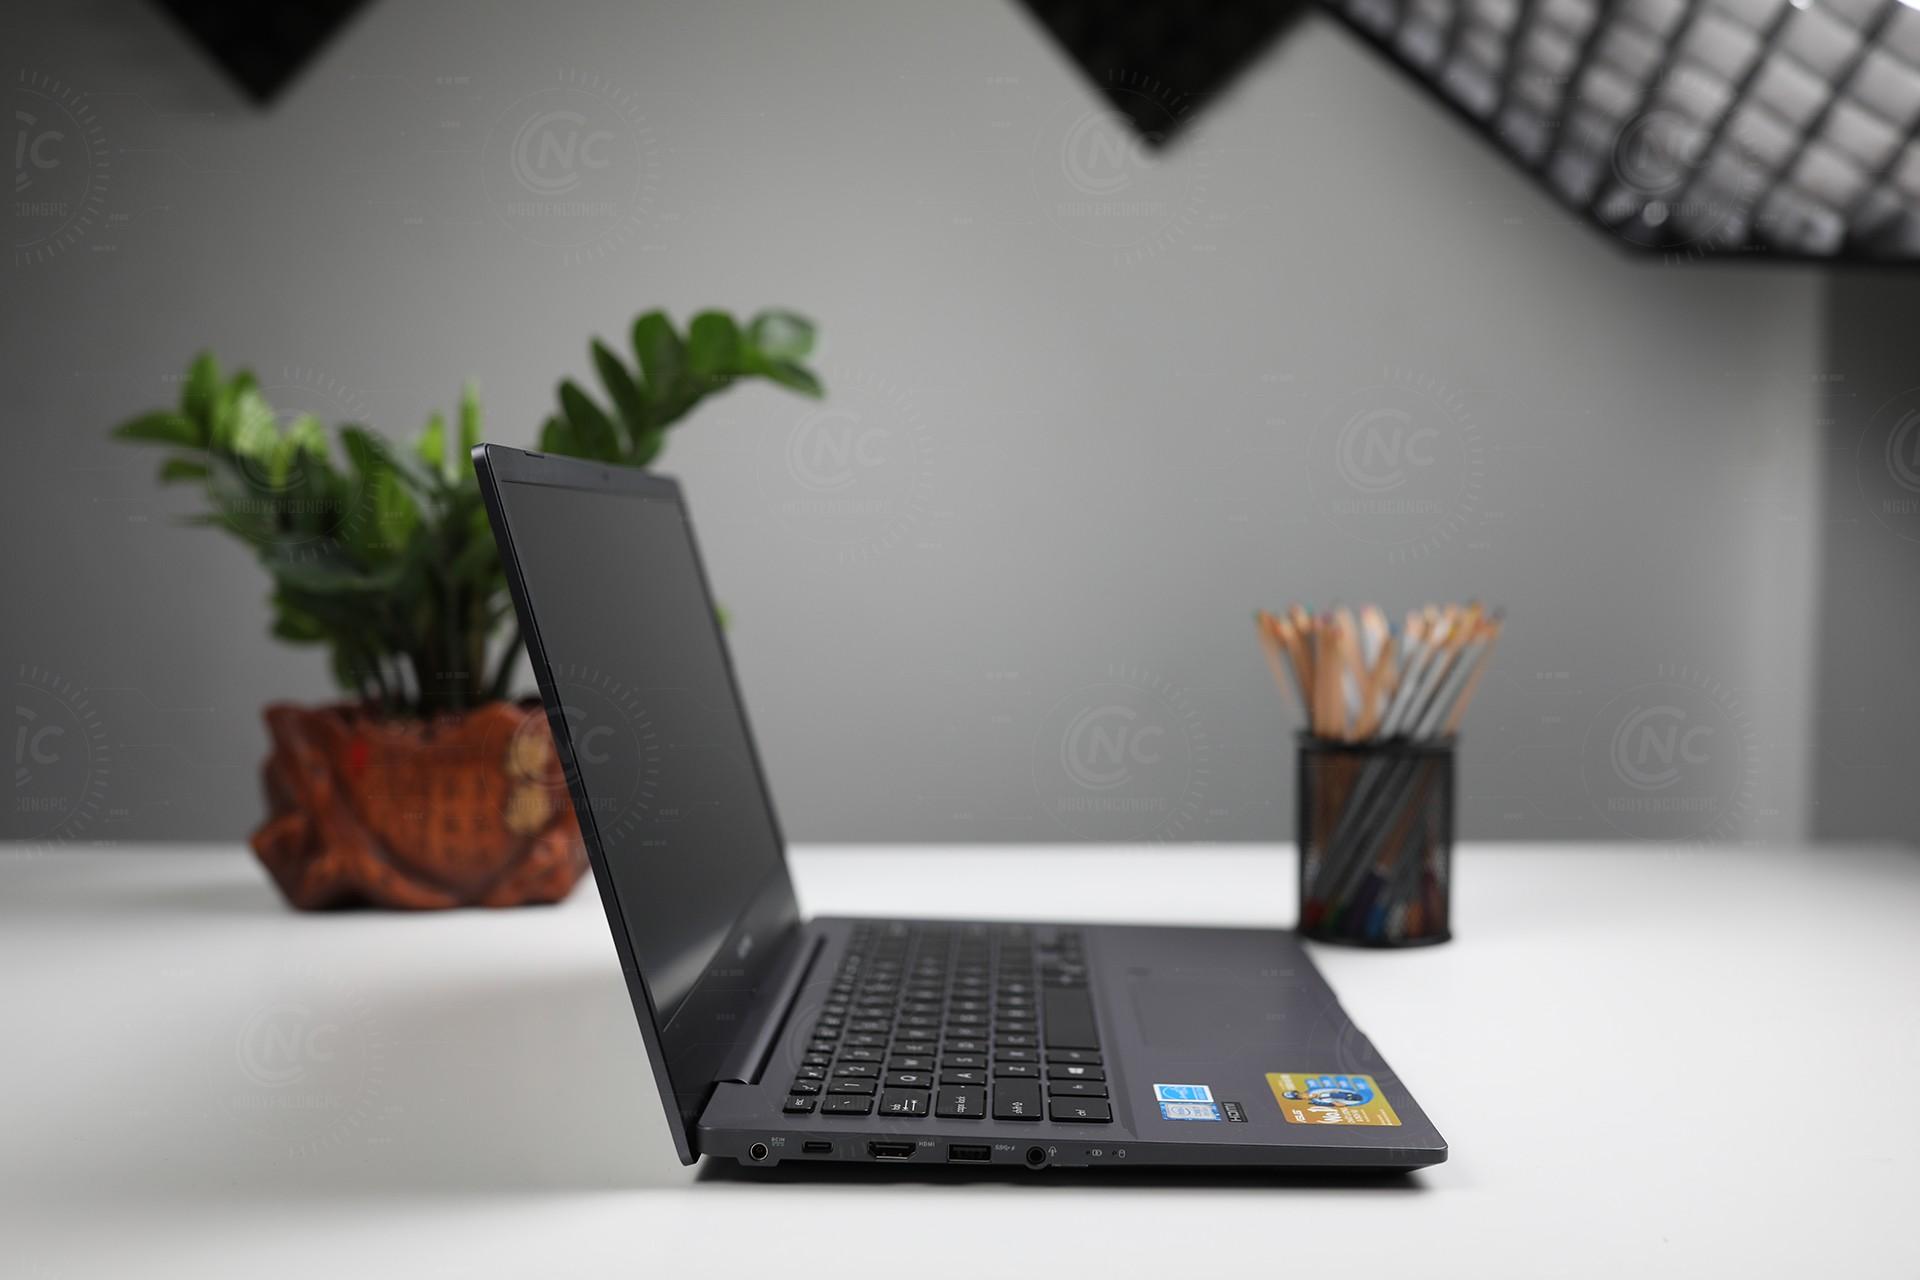 laptop-asus-pro-p5440ua-bm0042t-2